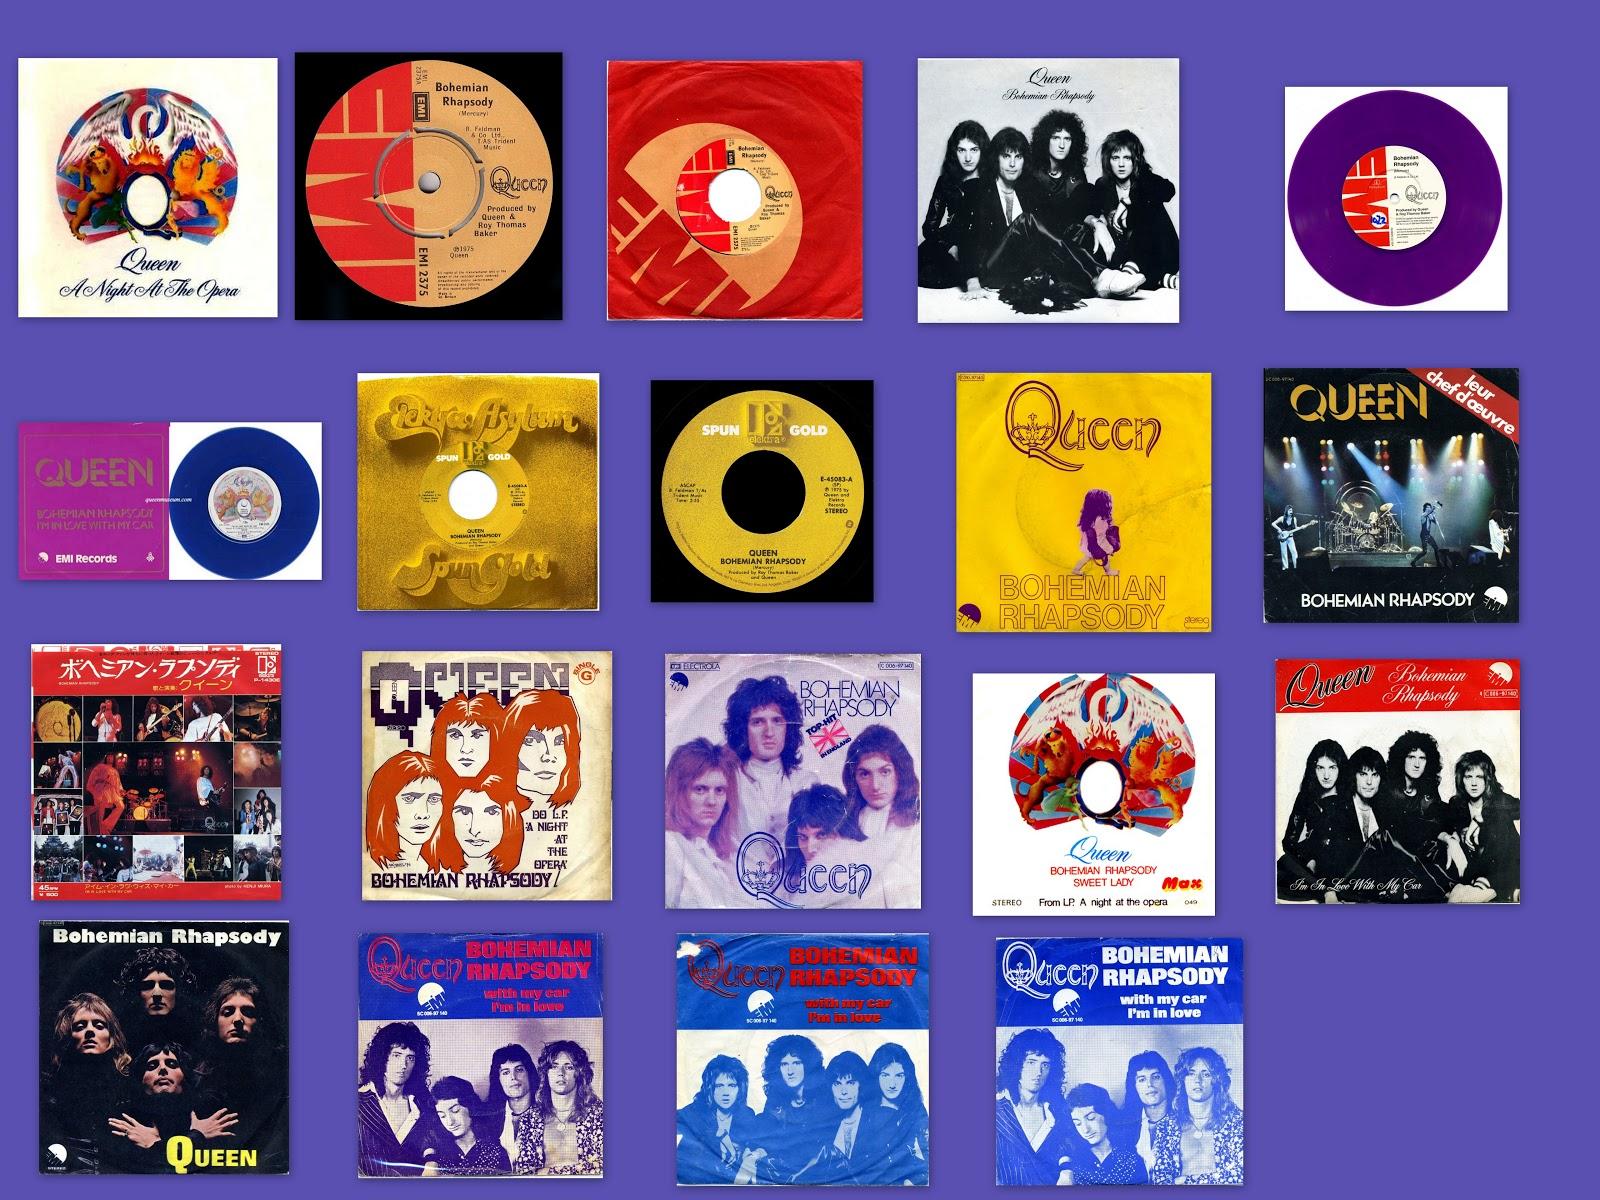 de queen black singles Queen the best 30 songs las 30 mejores canciones de queen los éxitos de queen - duration: queen - the singles collection vol4 - duration: 10:59.